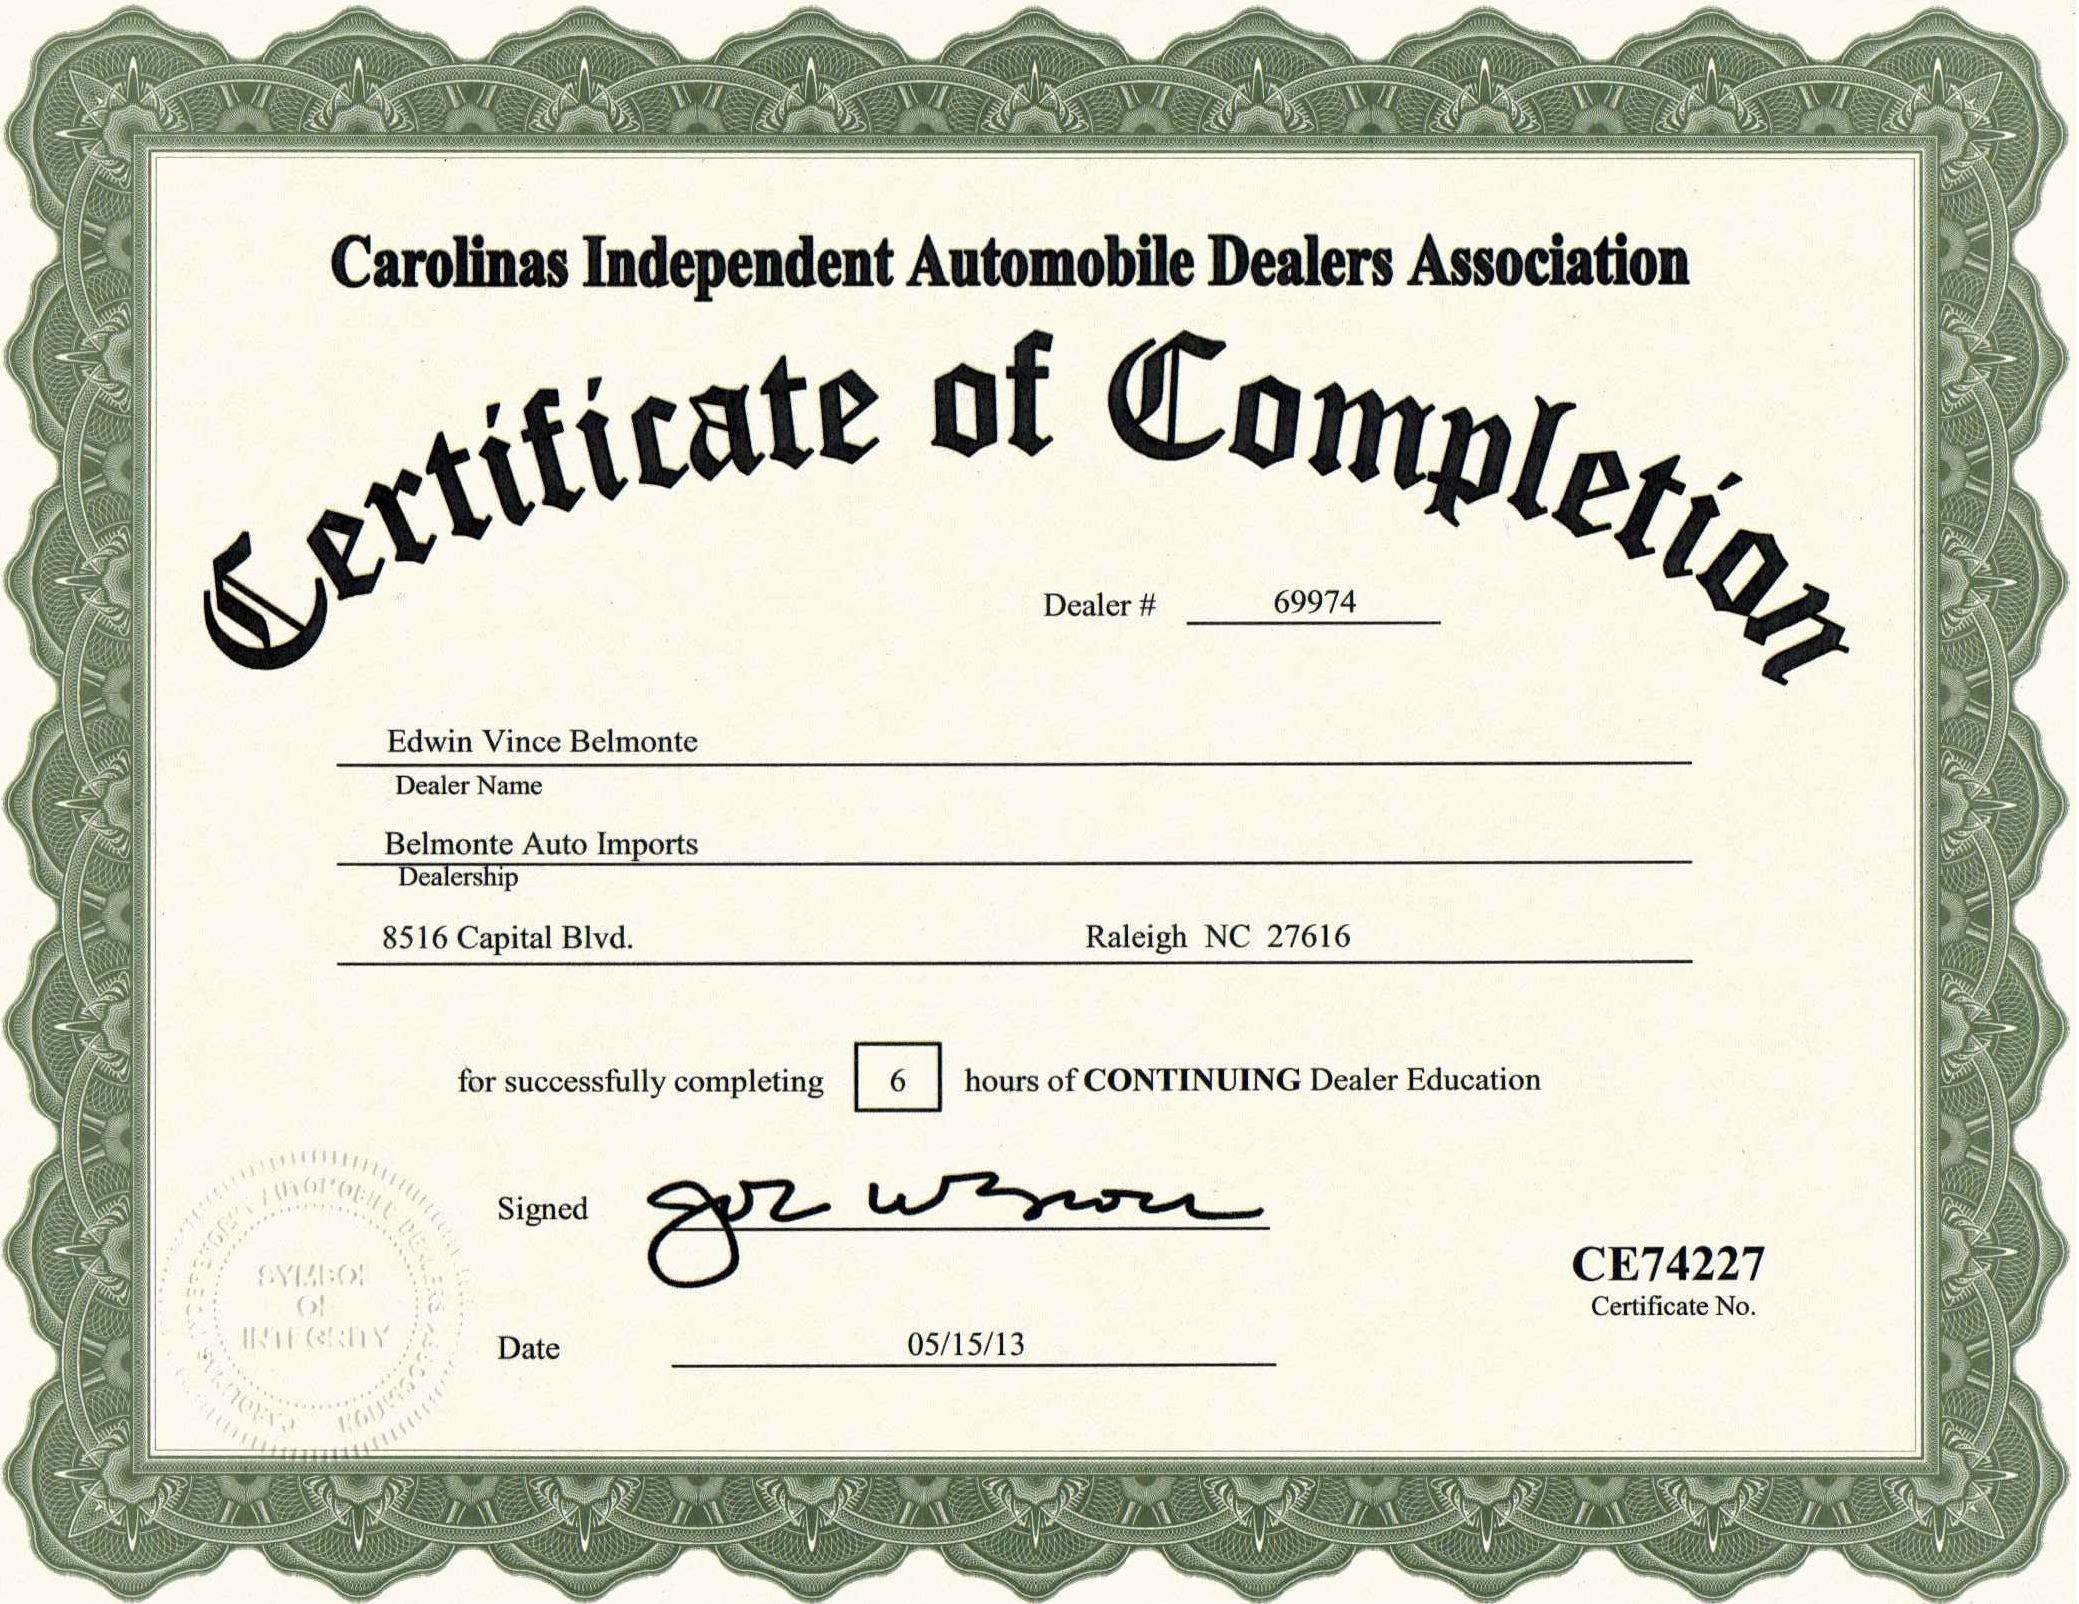 Certificatioon